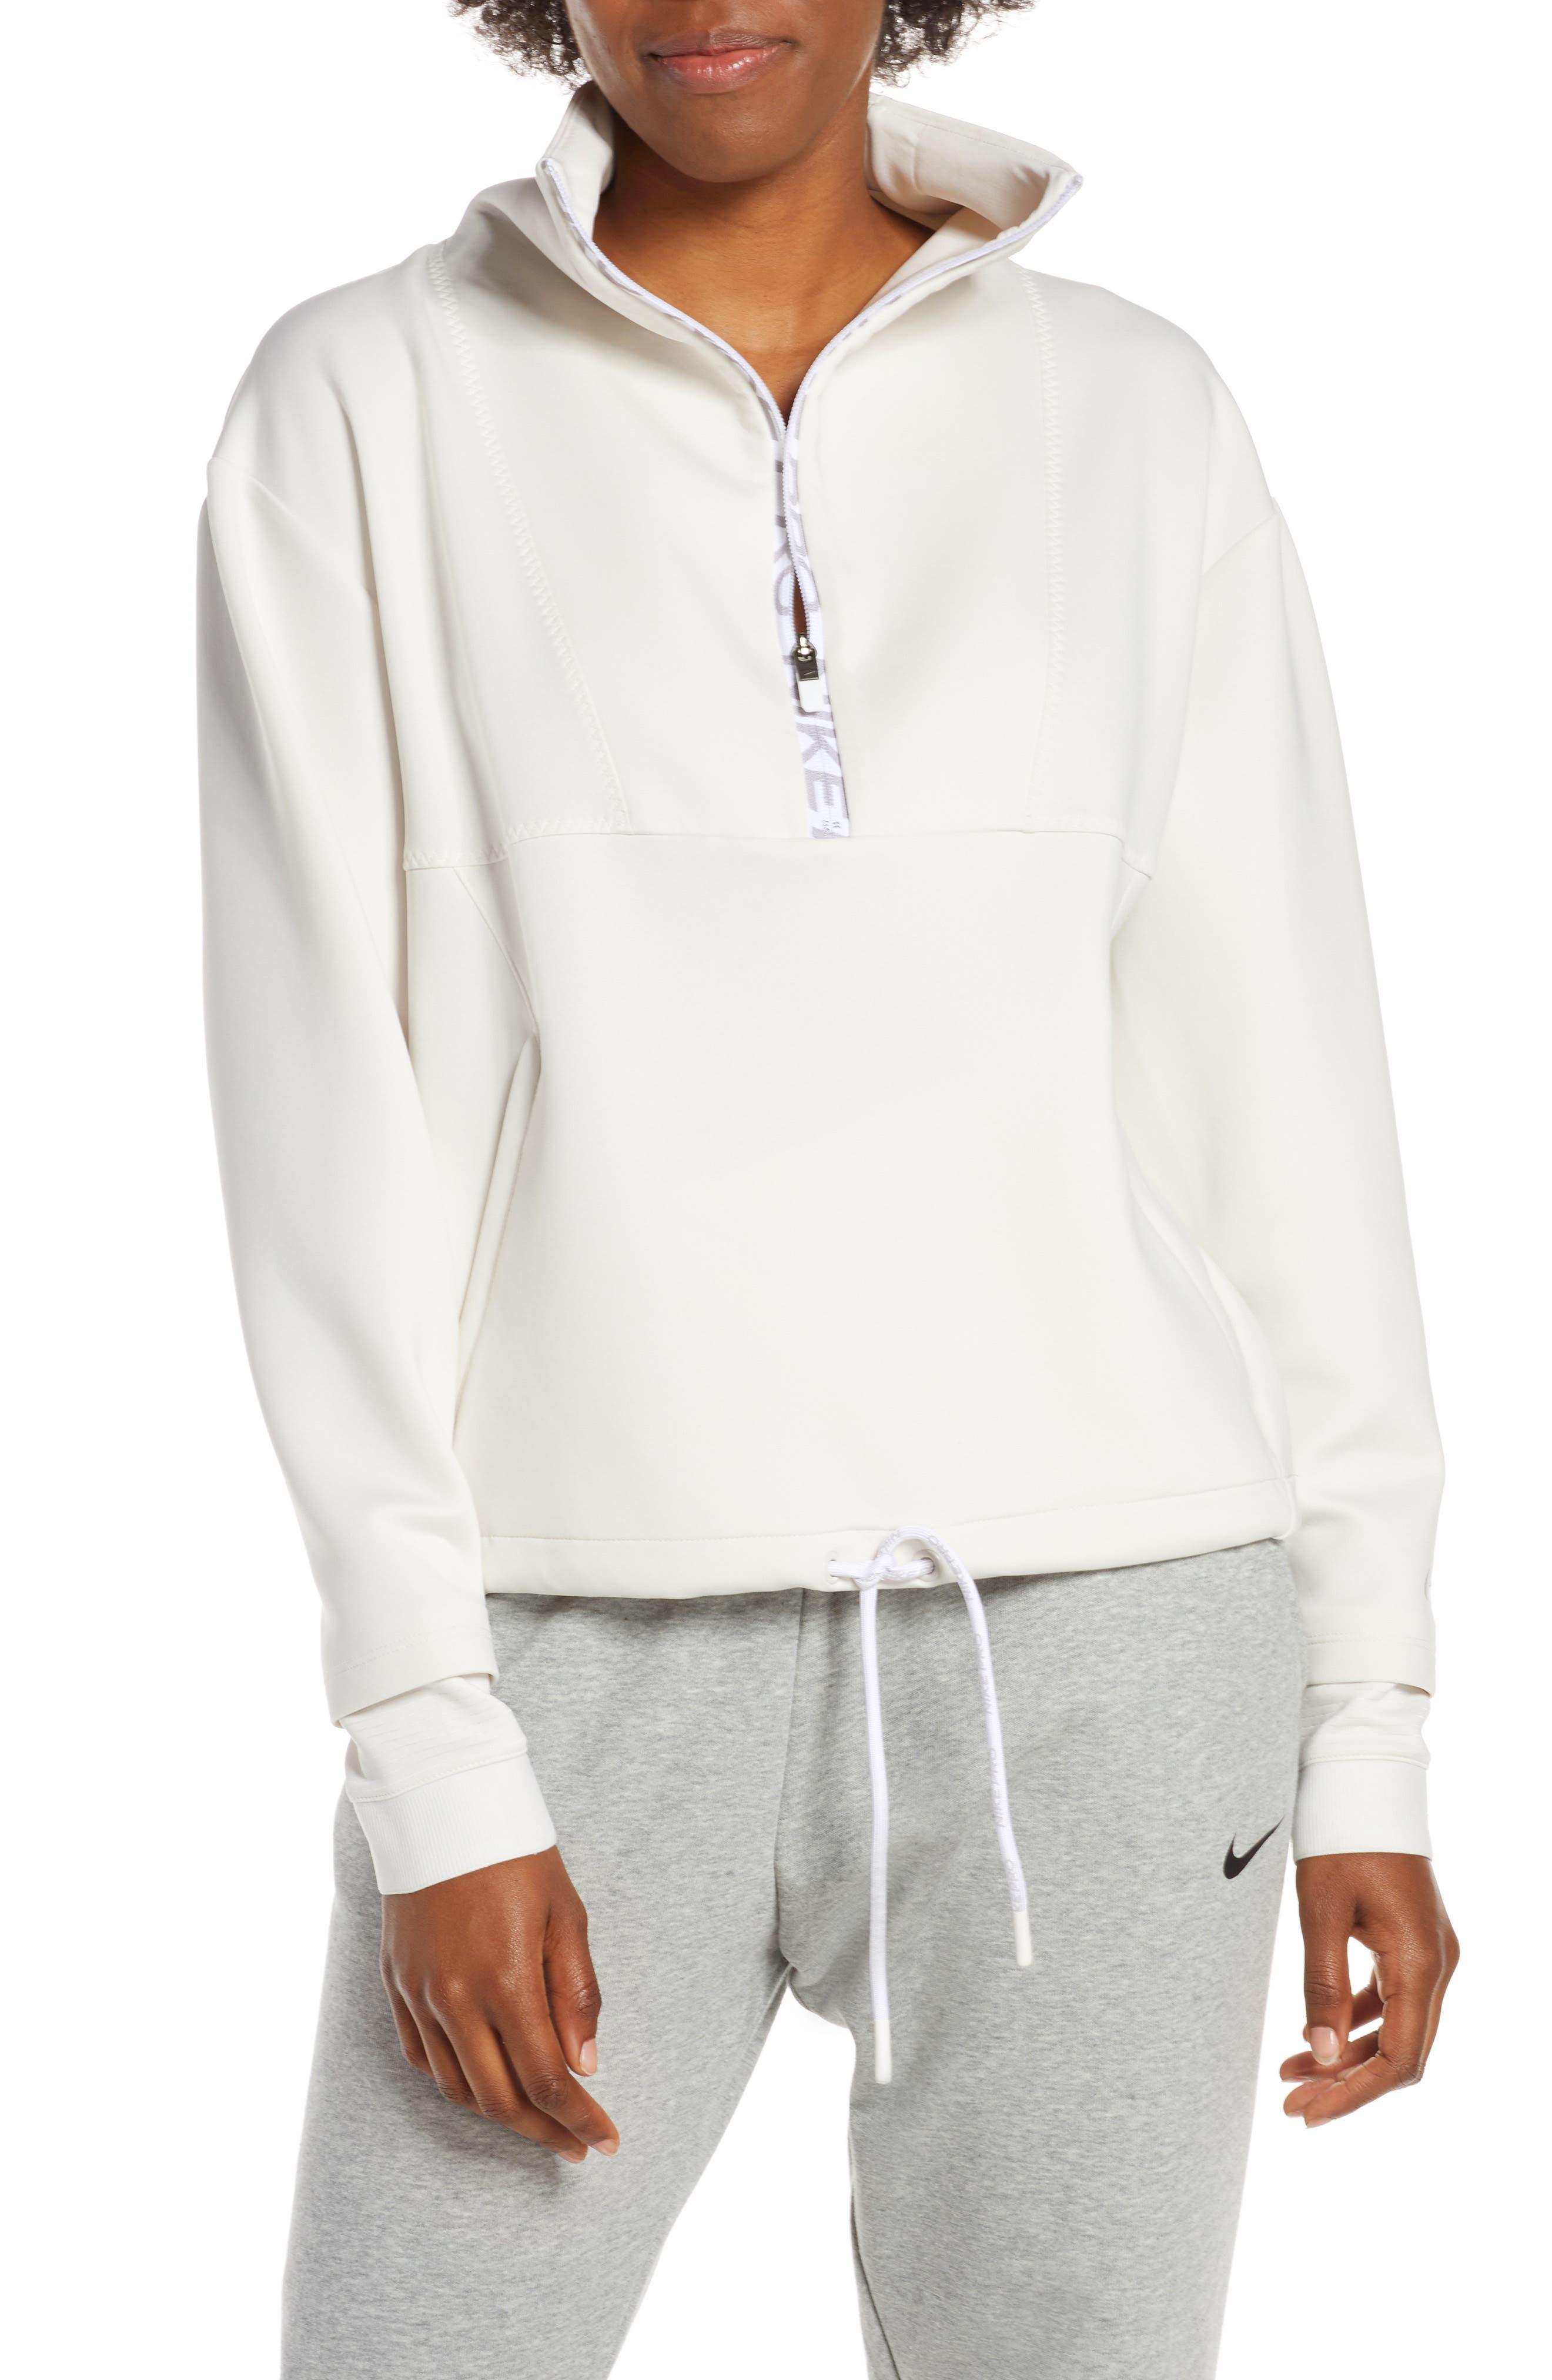 Women's Nike Nike SweatshirtsHoodiesNordstrom SweatshirtsHoodiesNordstrom Women's SweatshirtsHoodiesNordstrom Women's Nike QCxrWdoeB